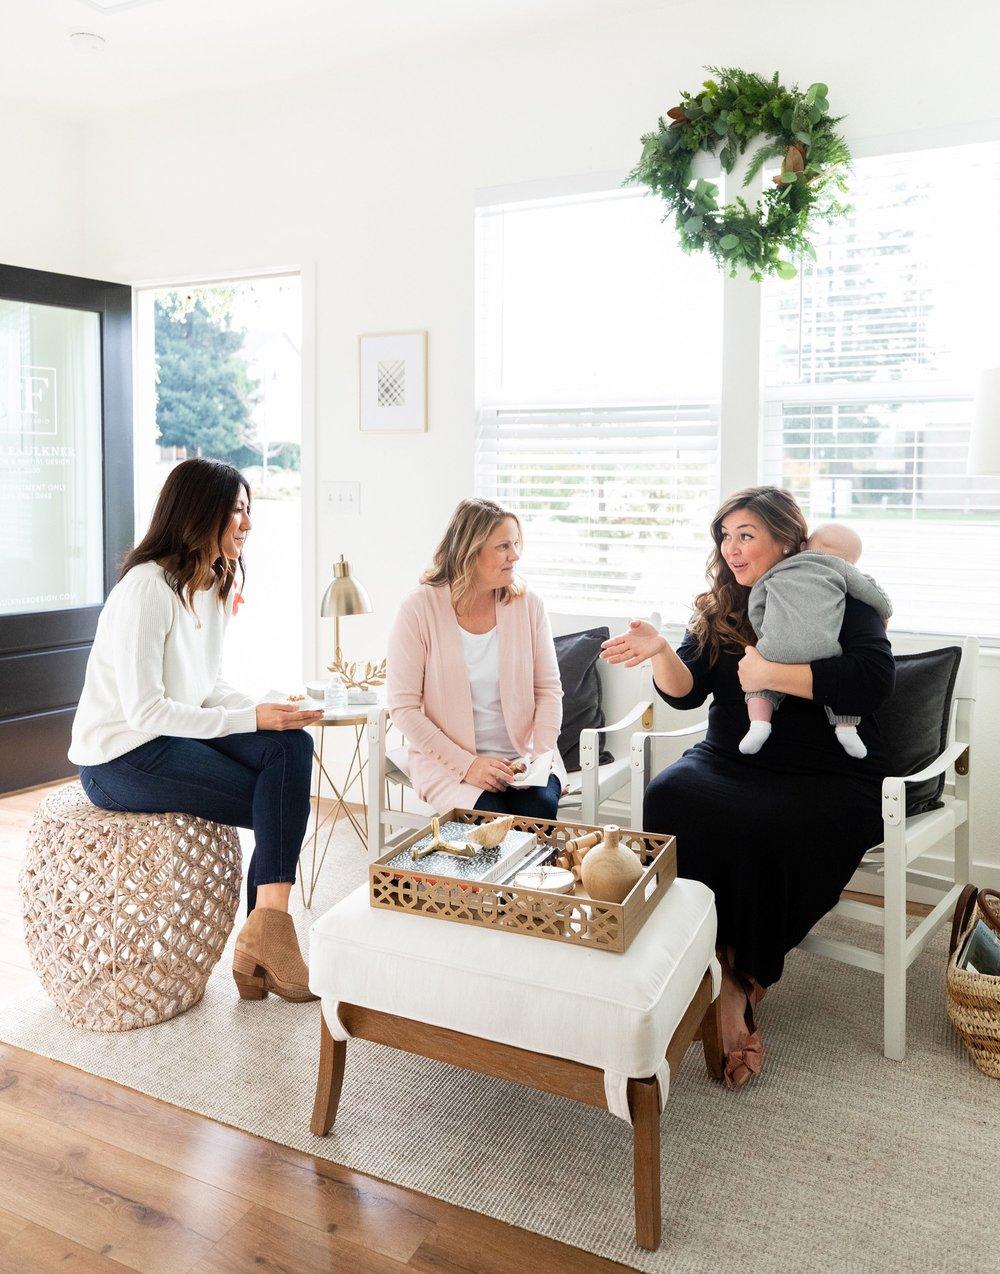 Tami+Faulkner+Design%2C+Rocklin+CA%2C+interior+design